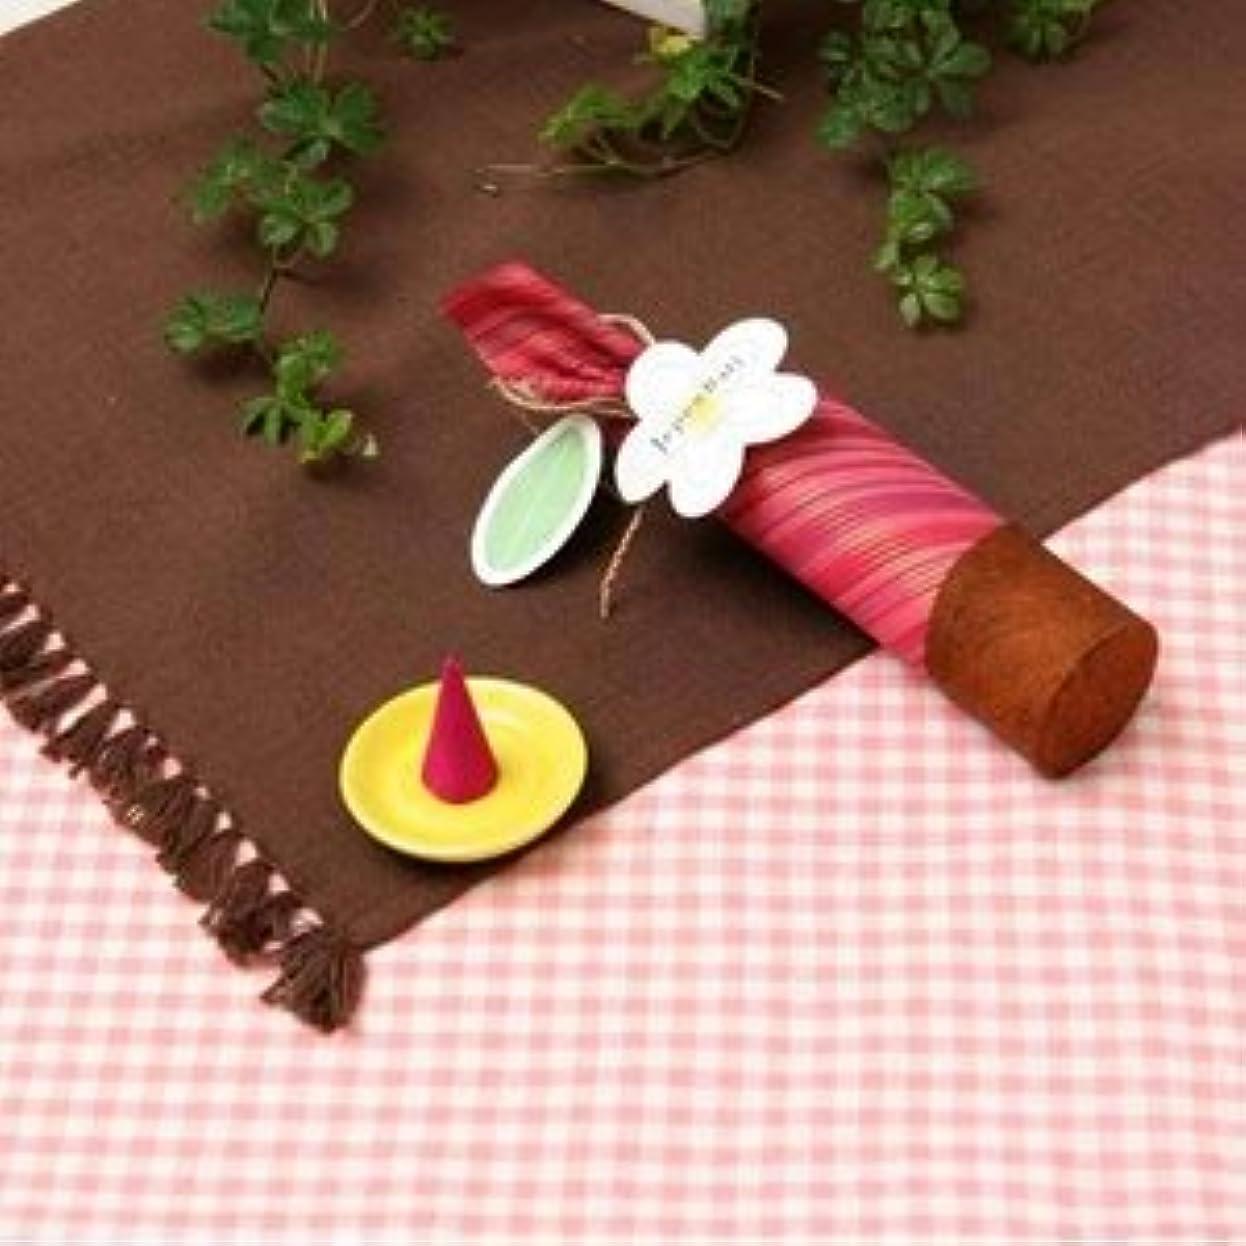 リルによって取るに足らないお香 【Jupen Bari】ジュプンバリ コーンタイプ10個入り (桜)